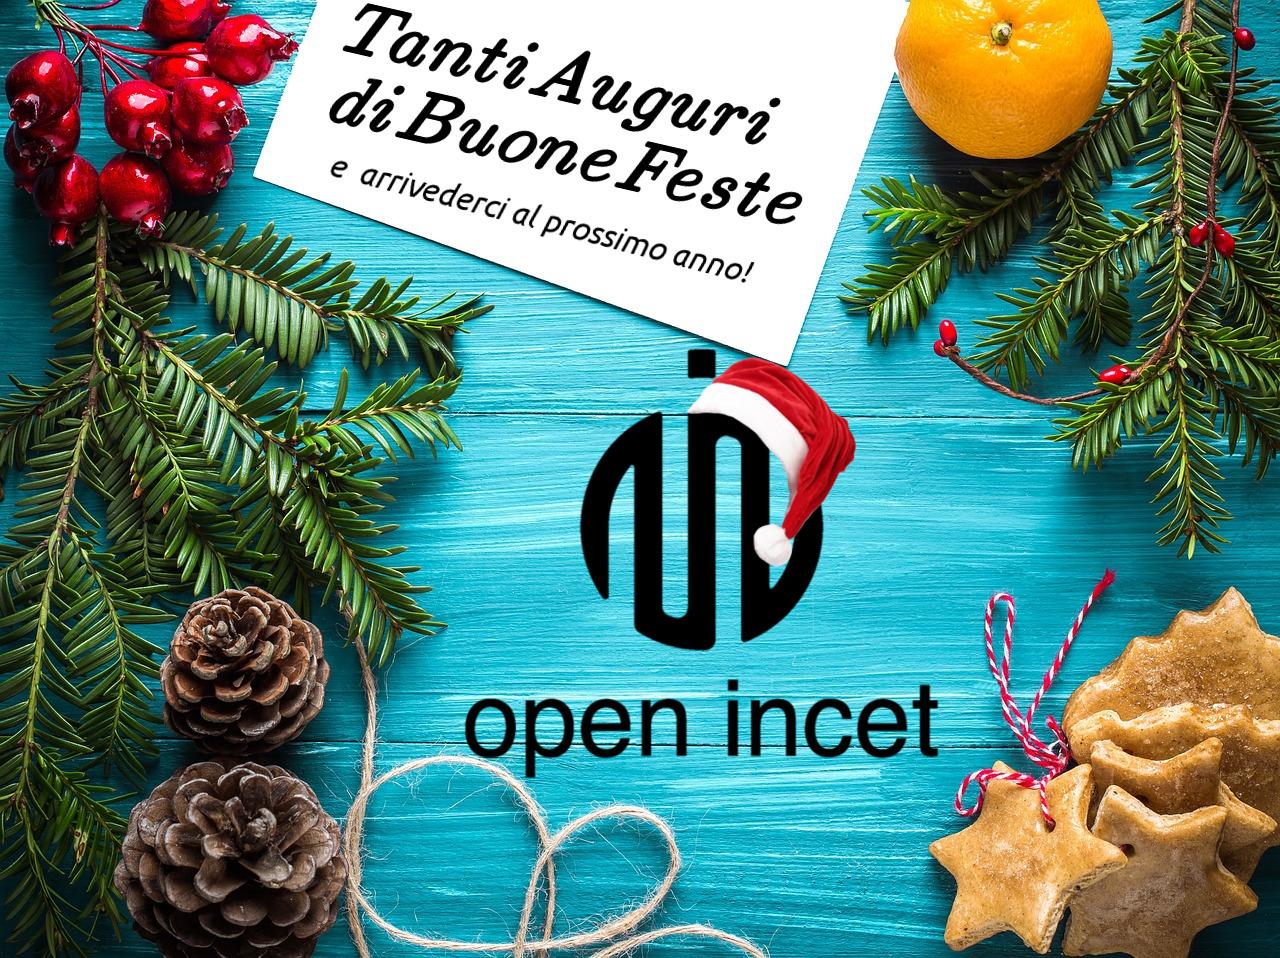 open-incet-xmas3